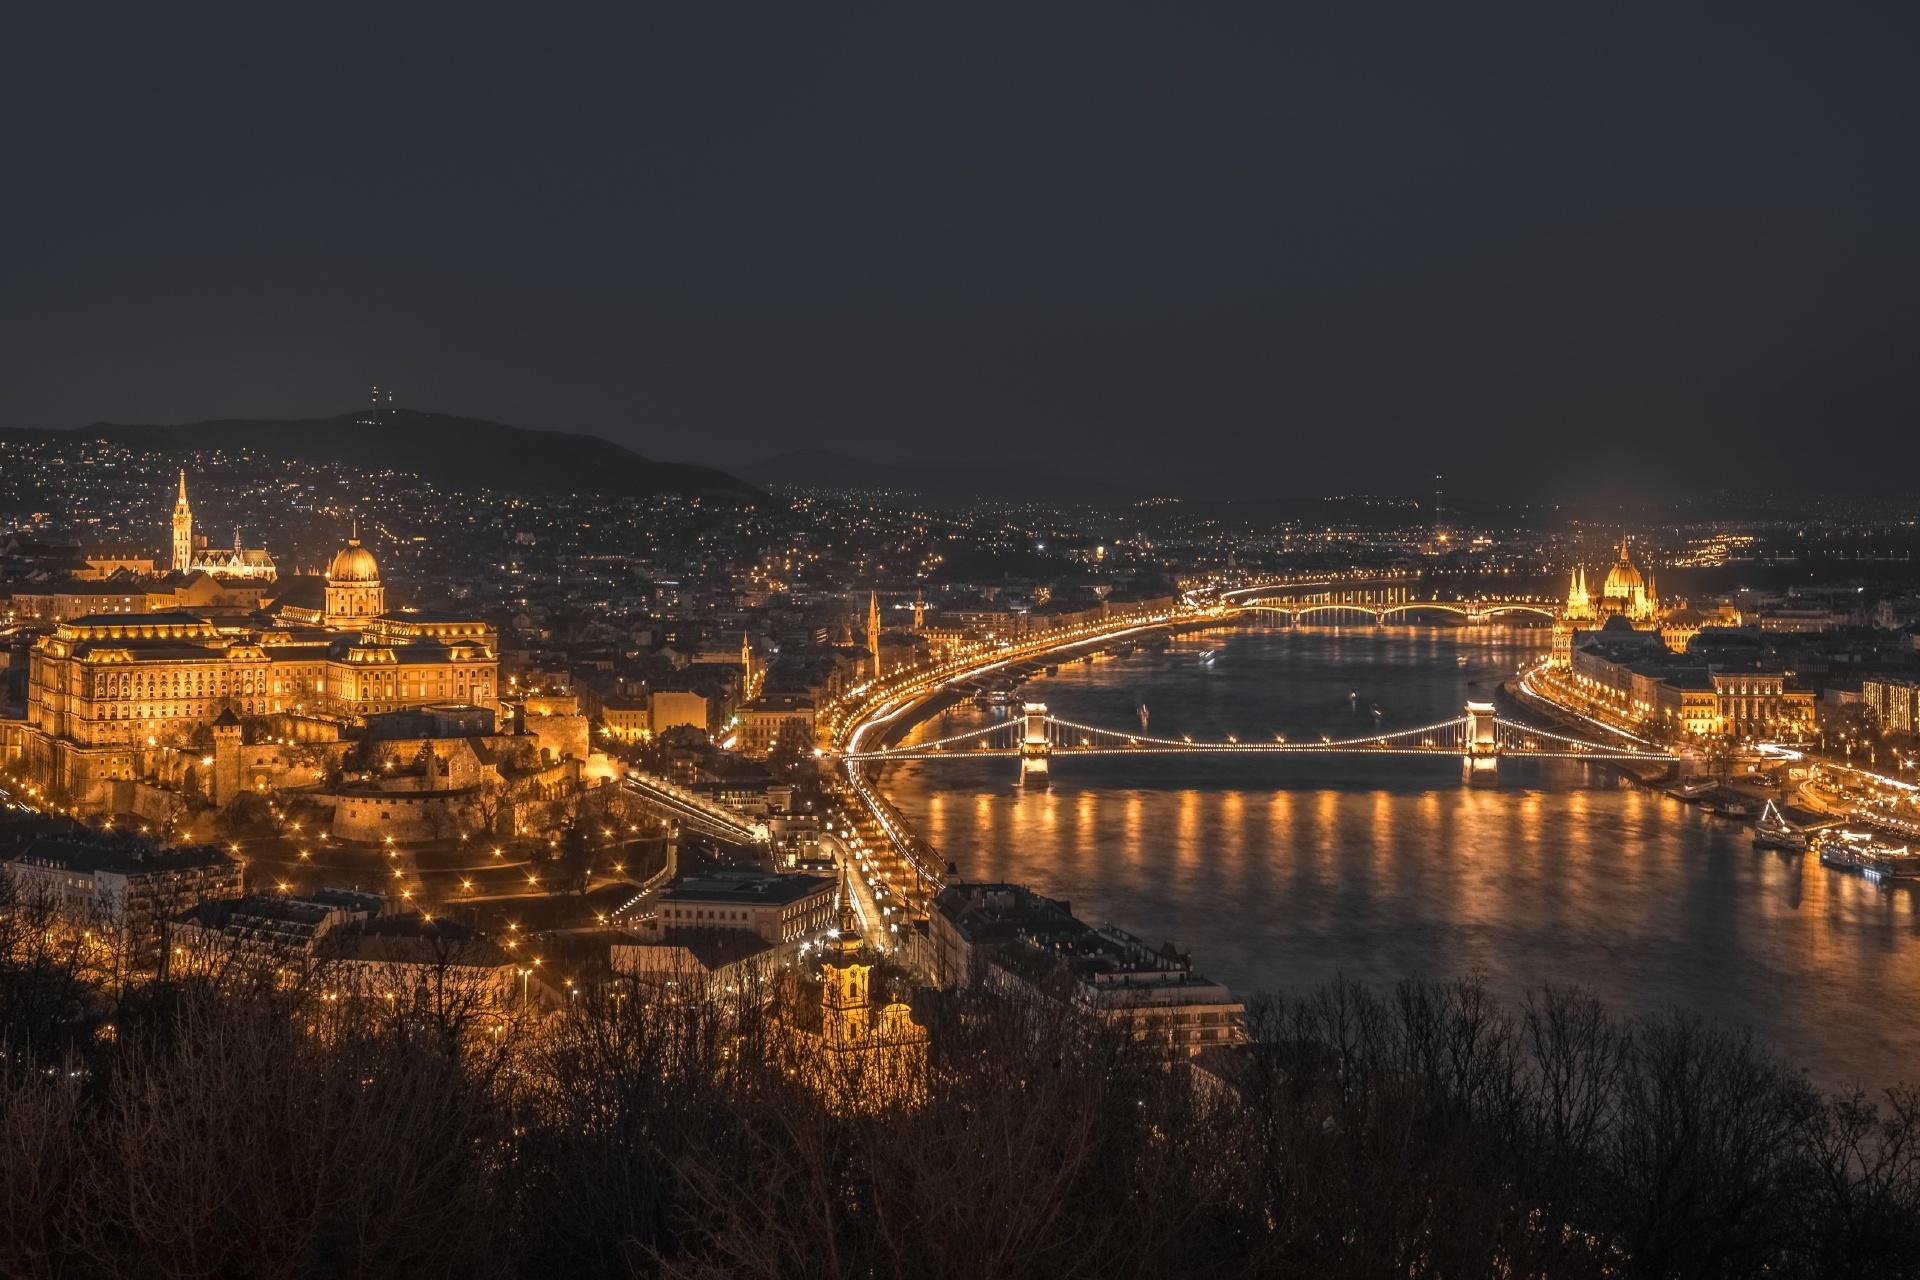 ゲッレールト山から見る夜のブダペストの街並みとドナウ川の風景 ハンガリーの風景